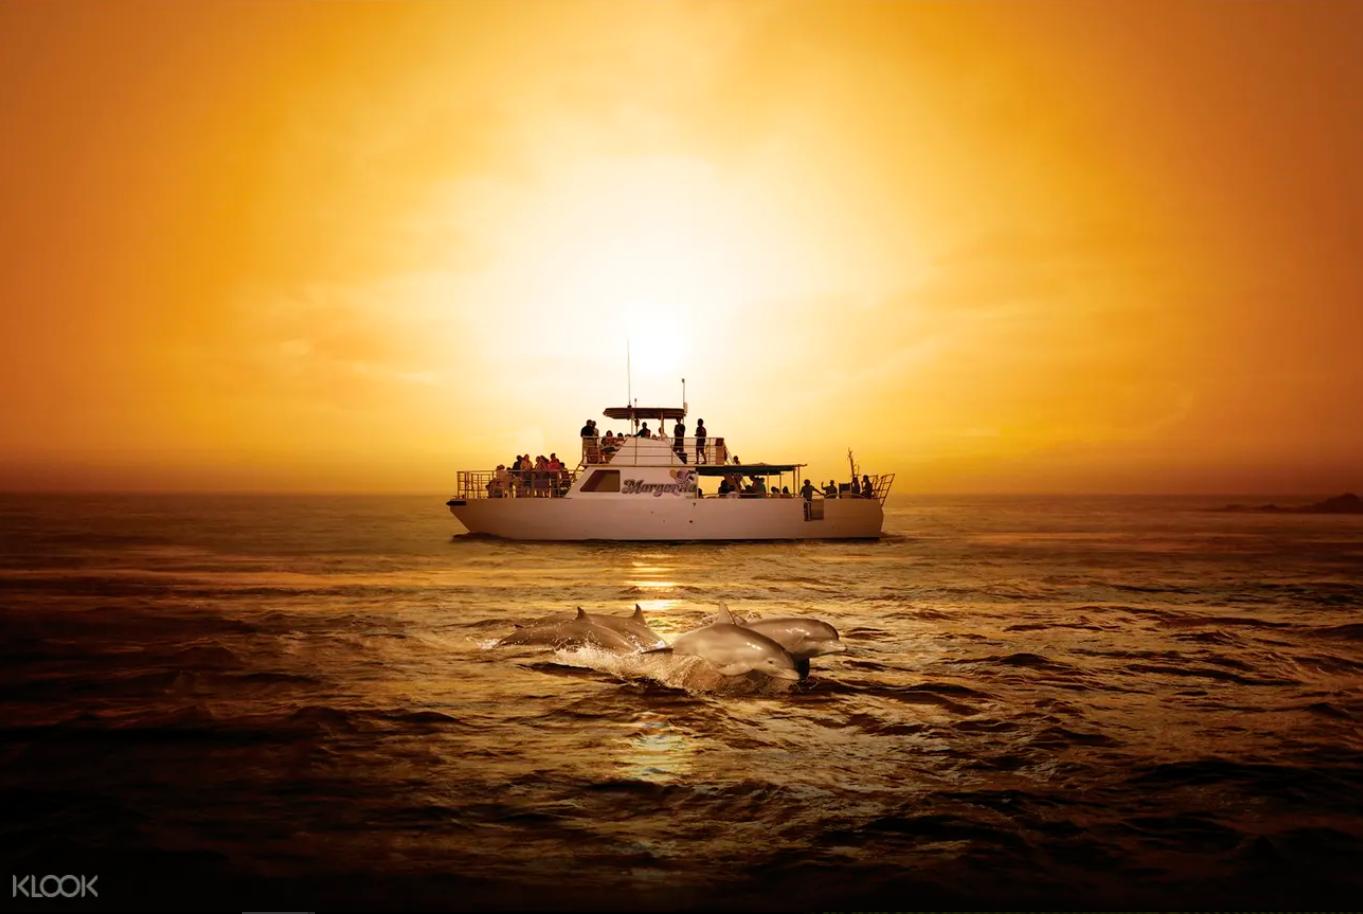 關島 海島旅遊 夕陽